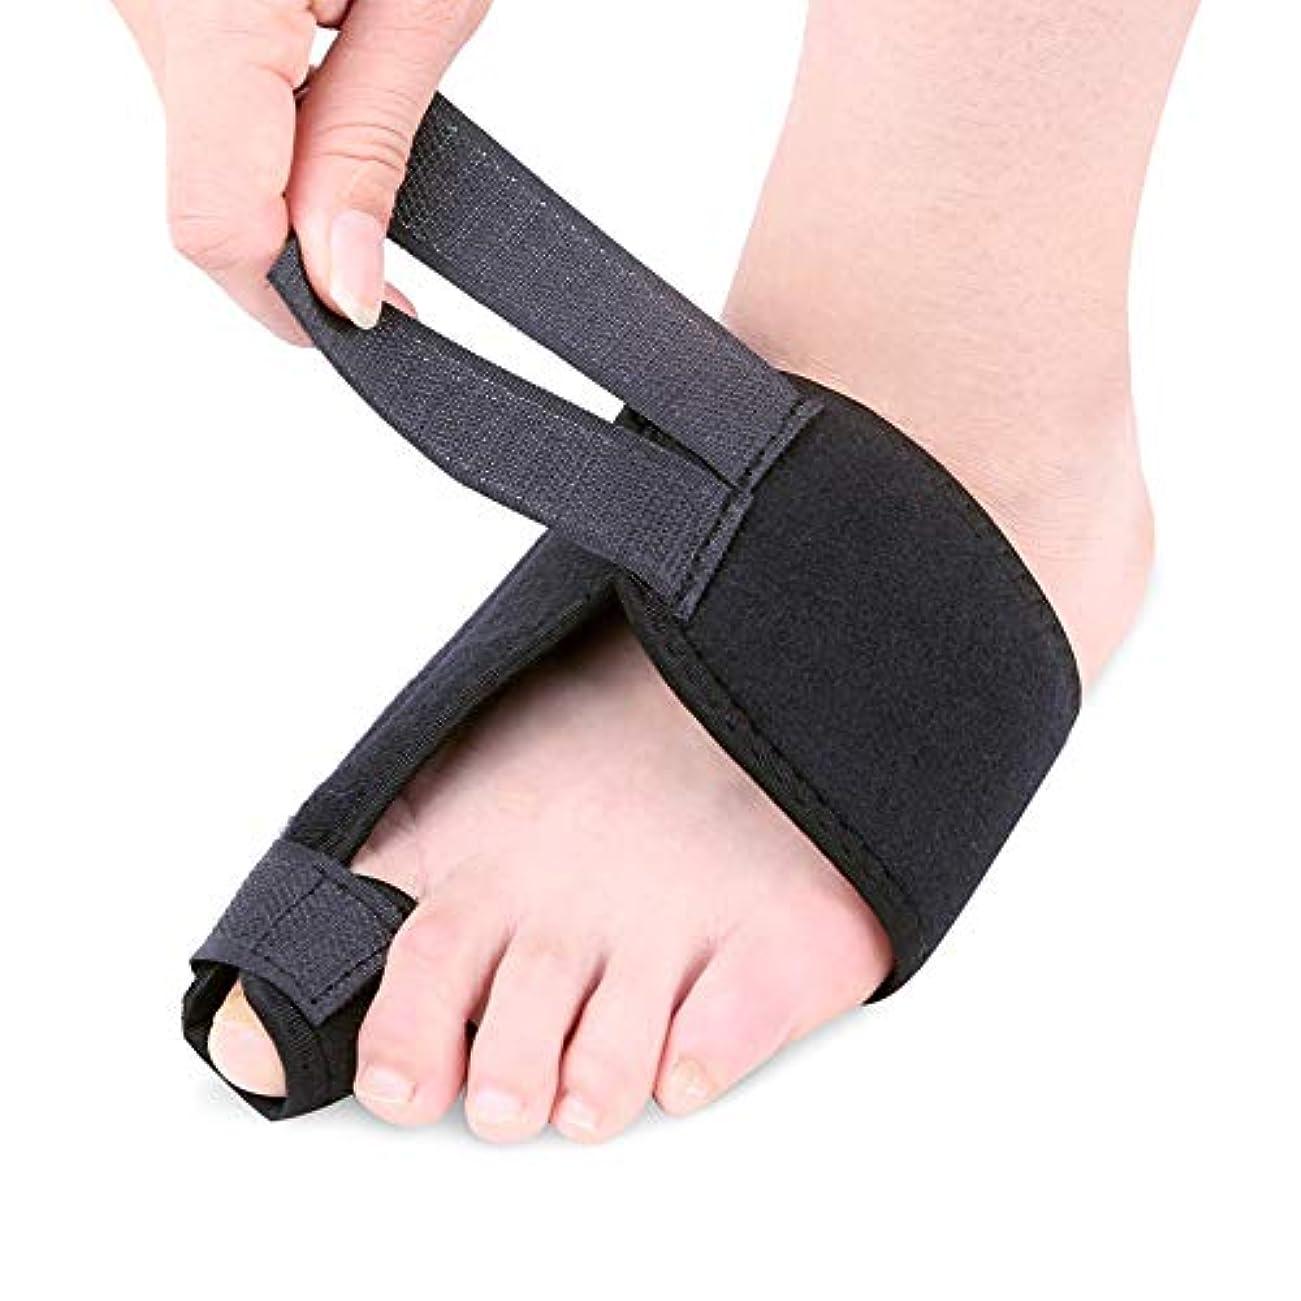 超高層ビル施し落とし穴外反母趾足指セパレーターは足指重複嚢胞通気性吸収汗を予防し、ヨガ後の痛みと変形を軽減,M